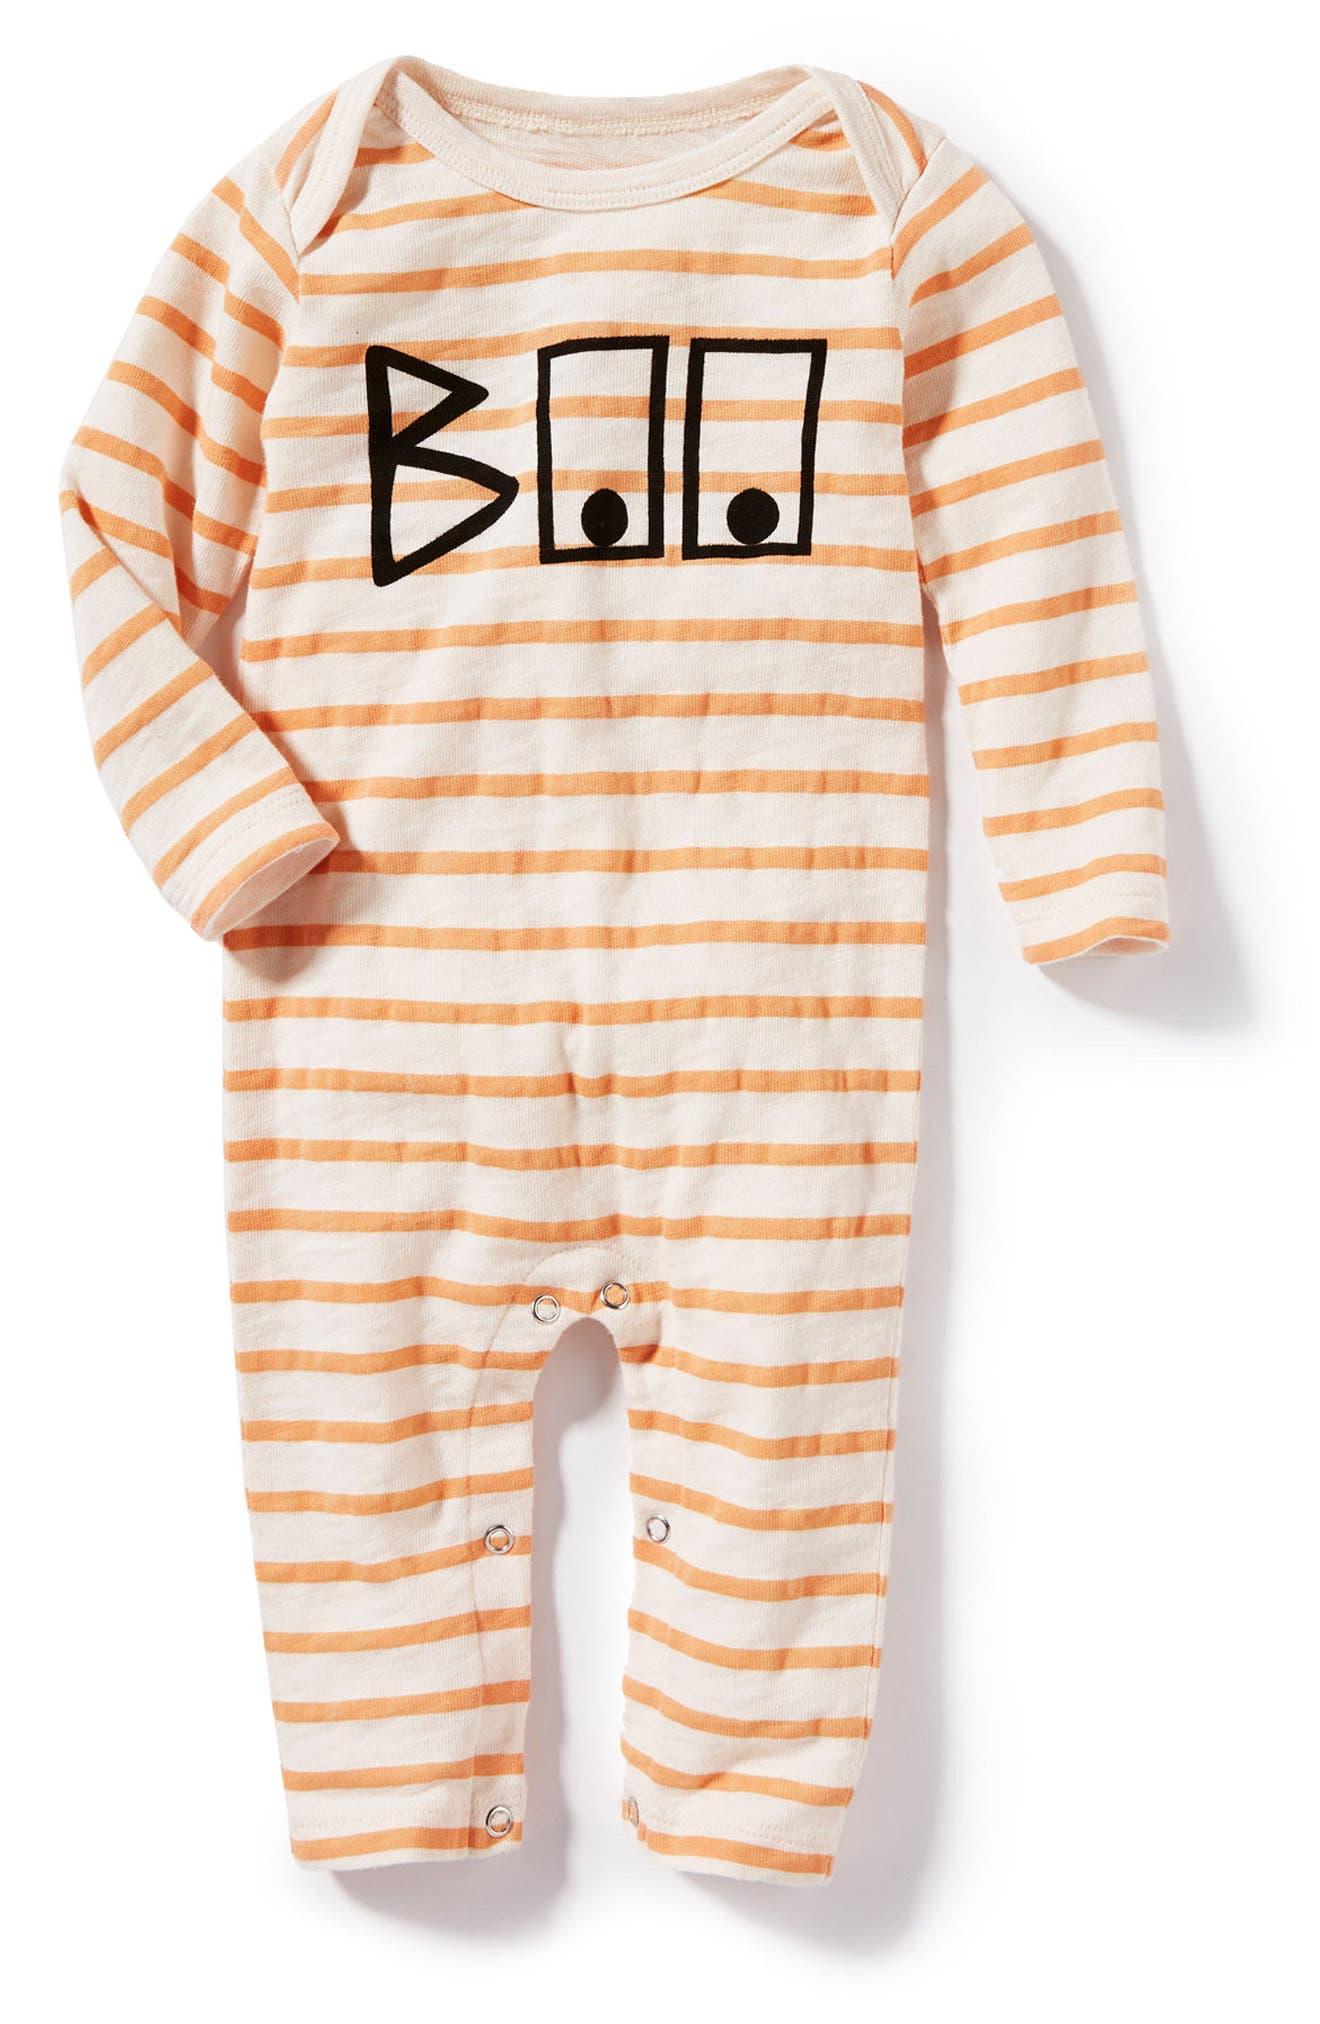 Main Image - Peek Boo Romper (Baby Girls)